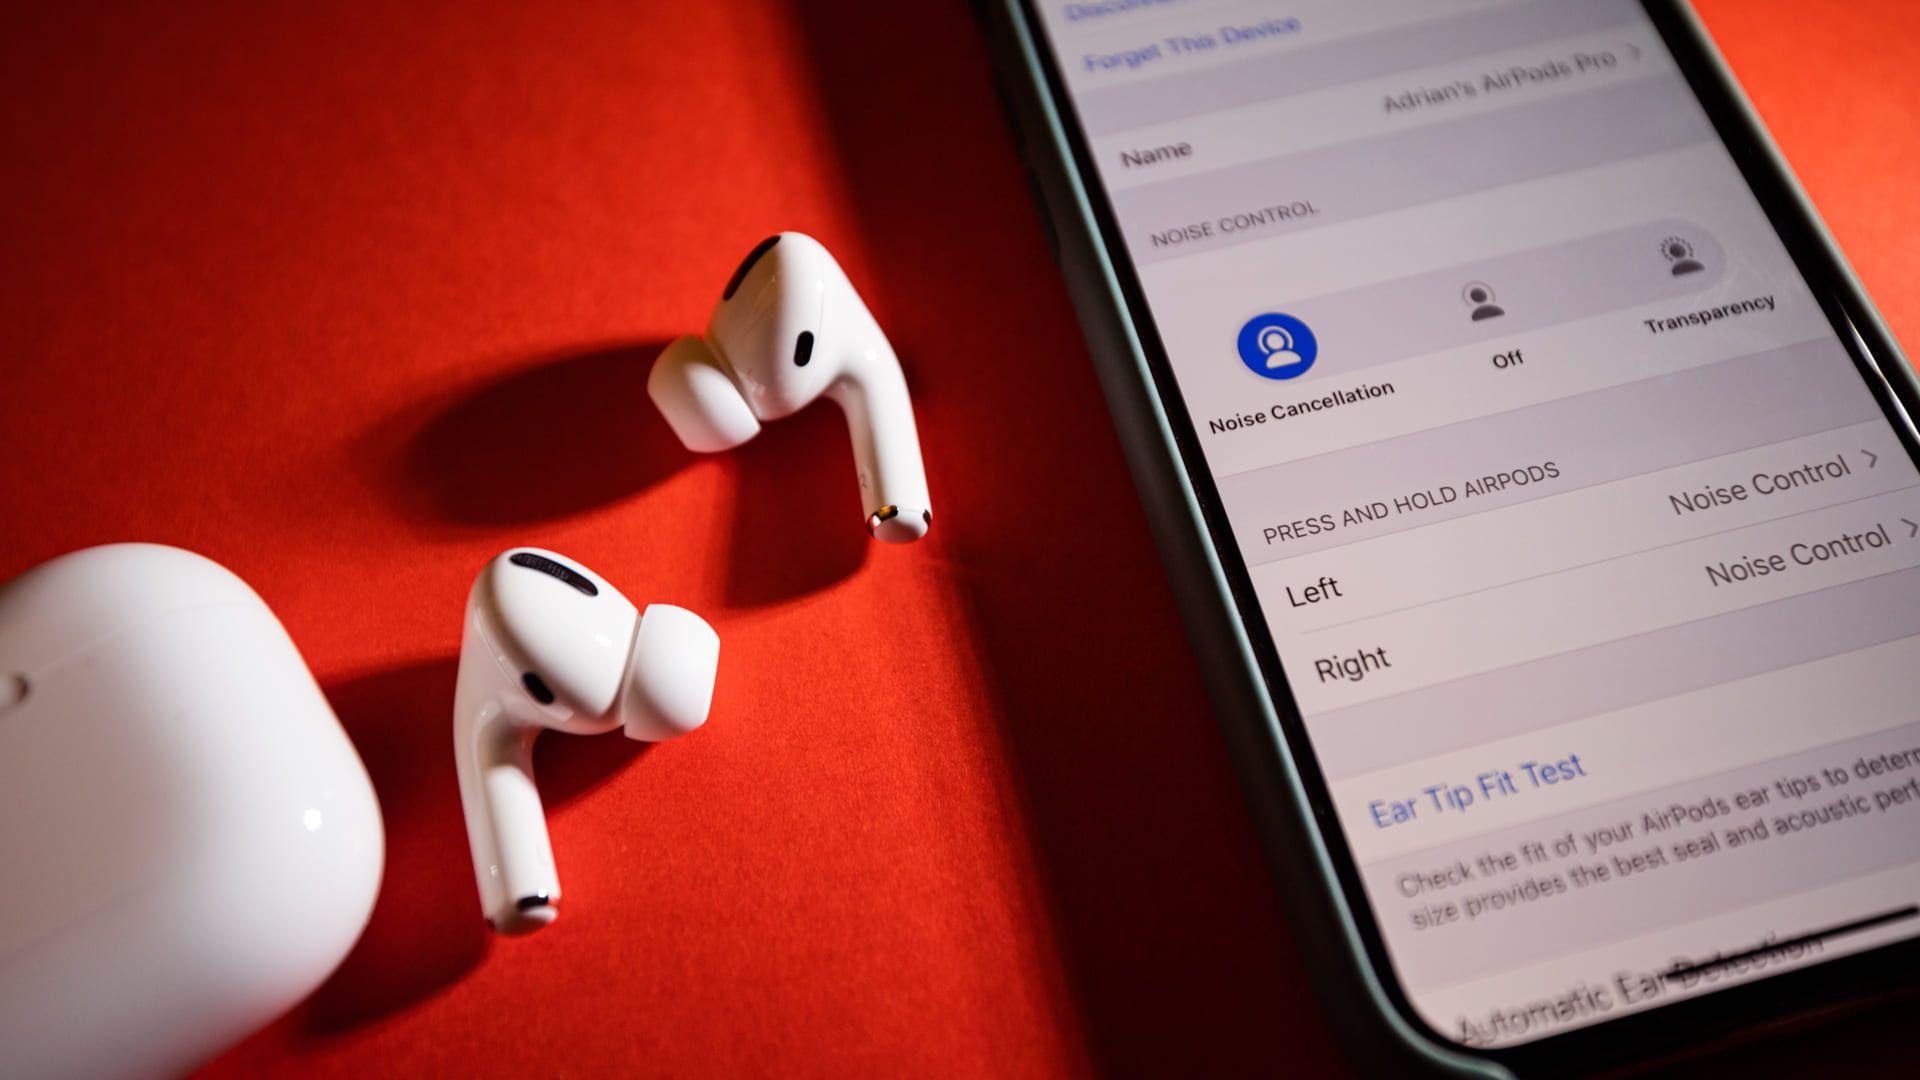 Cancelamento de ruído do AirPod Pro (Foto: Shutterstock)